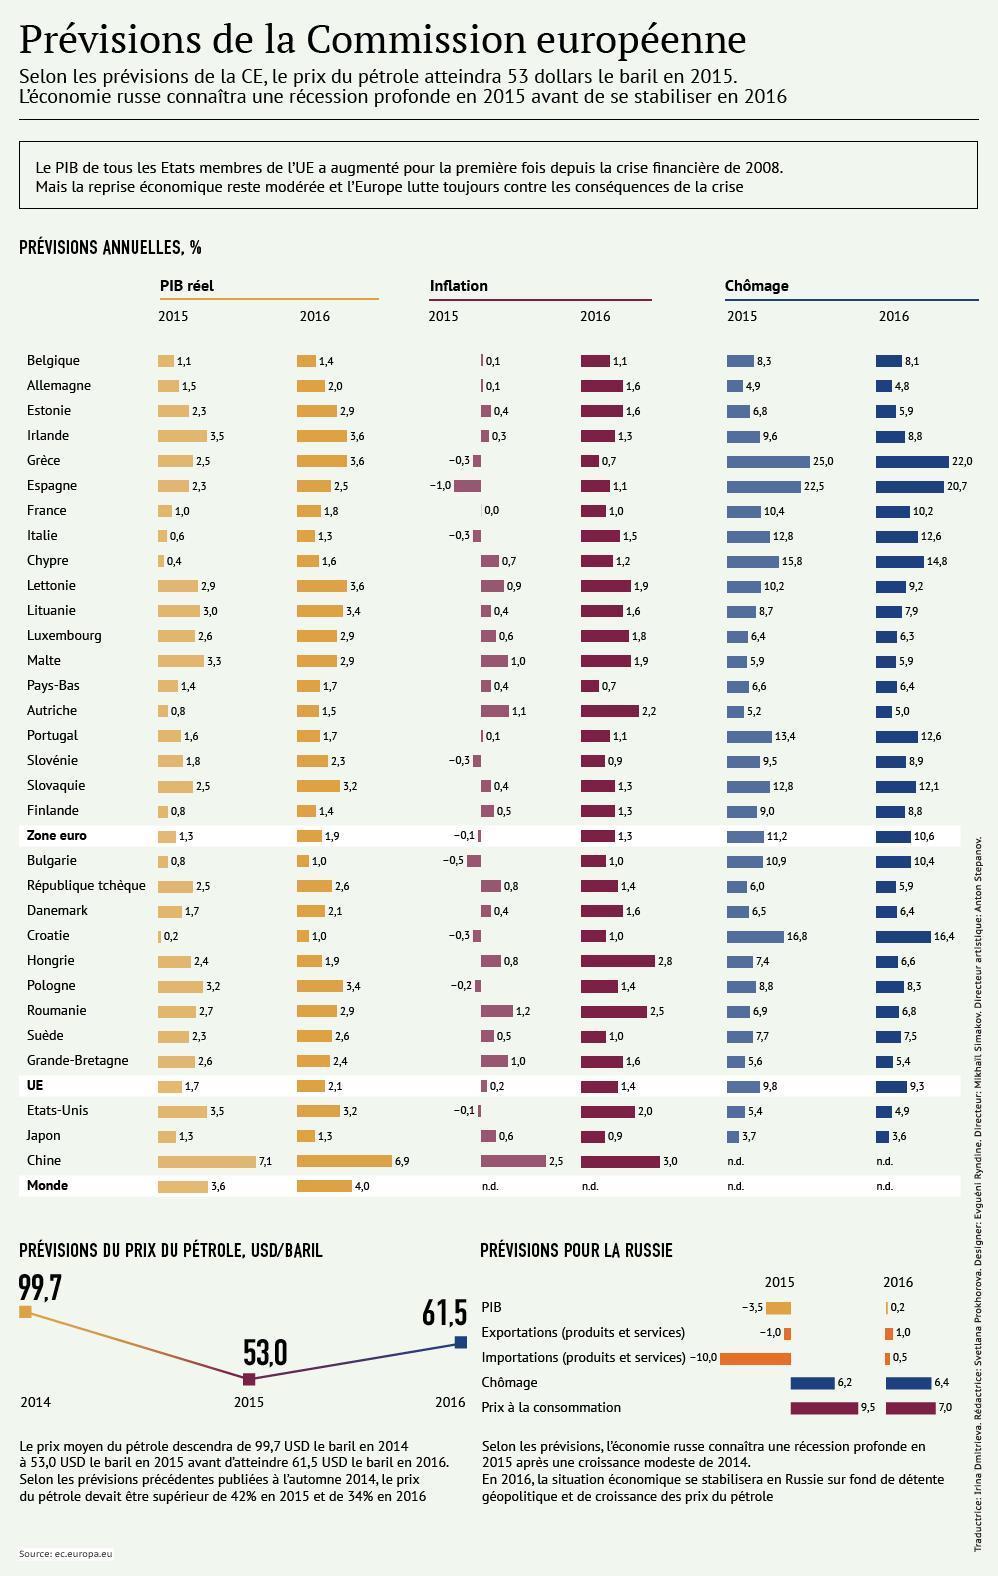 Europe/Russie: prévisions économiques pour 2015-2016